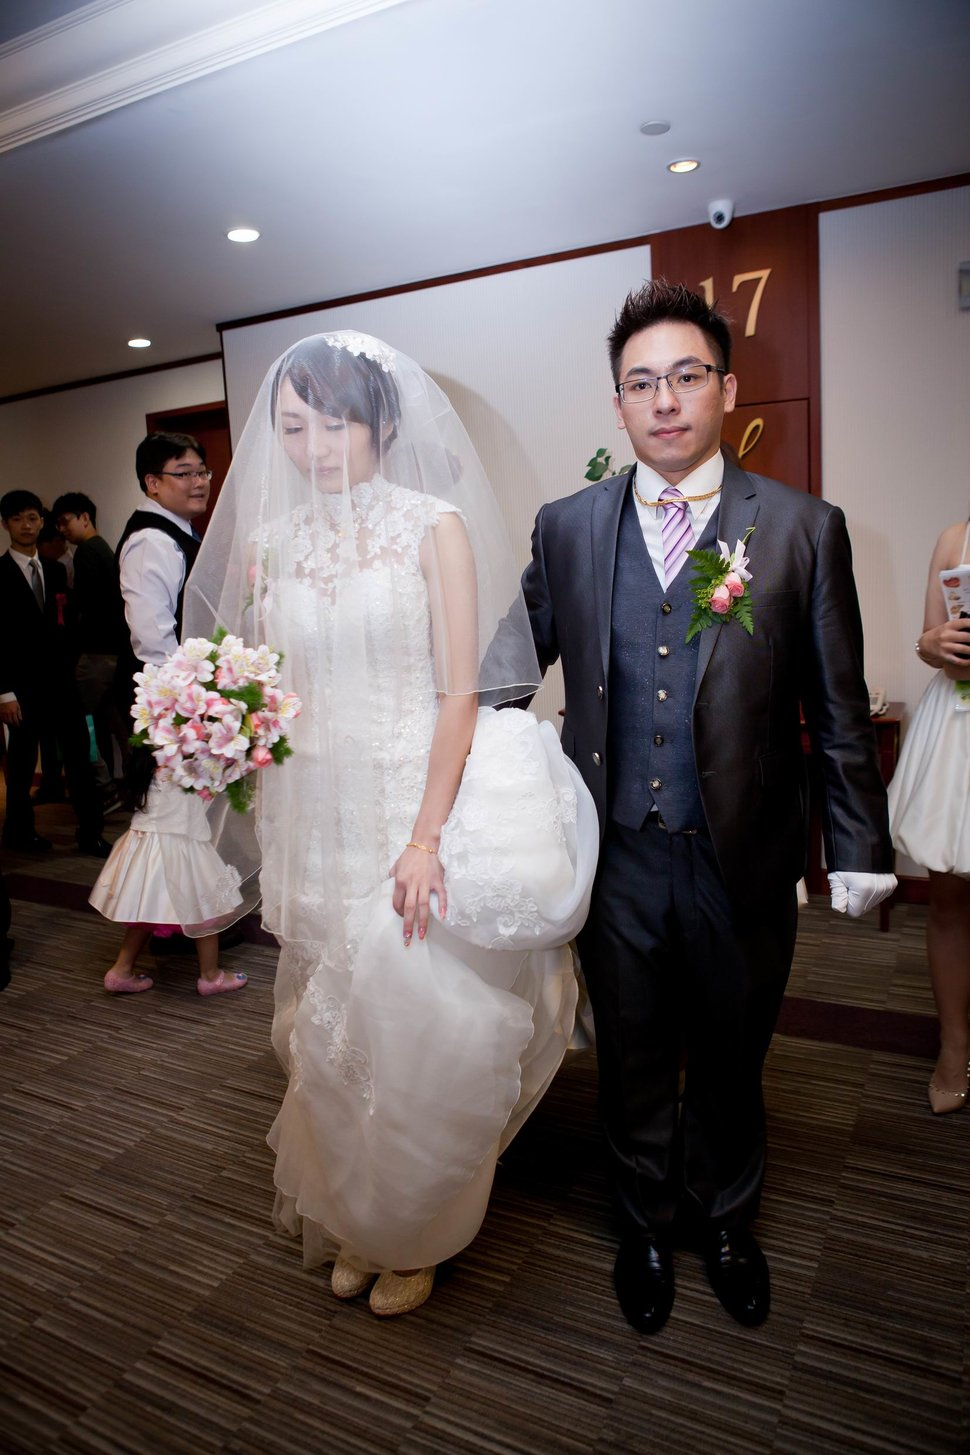 長榮桂冠酒店彭園會館婚禮記錄專業錄影平面攝影(編號:194984) - 蜜月拍照10800錄影12800攝影團隊 - 結婚吧